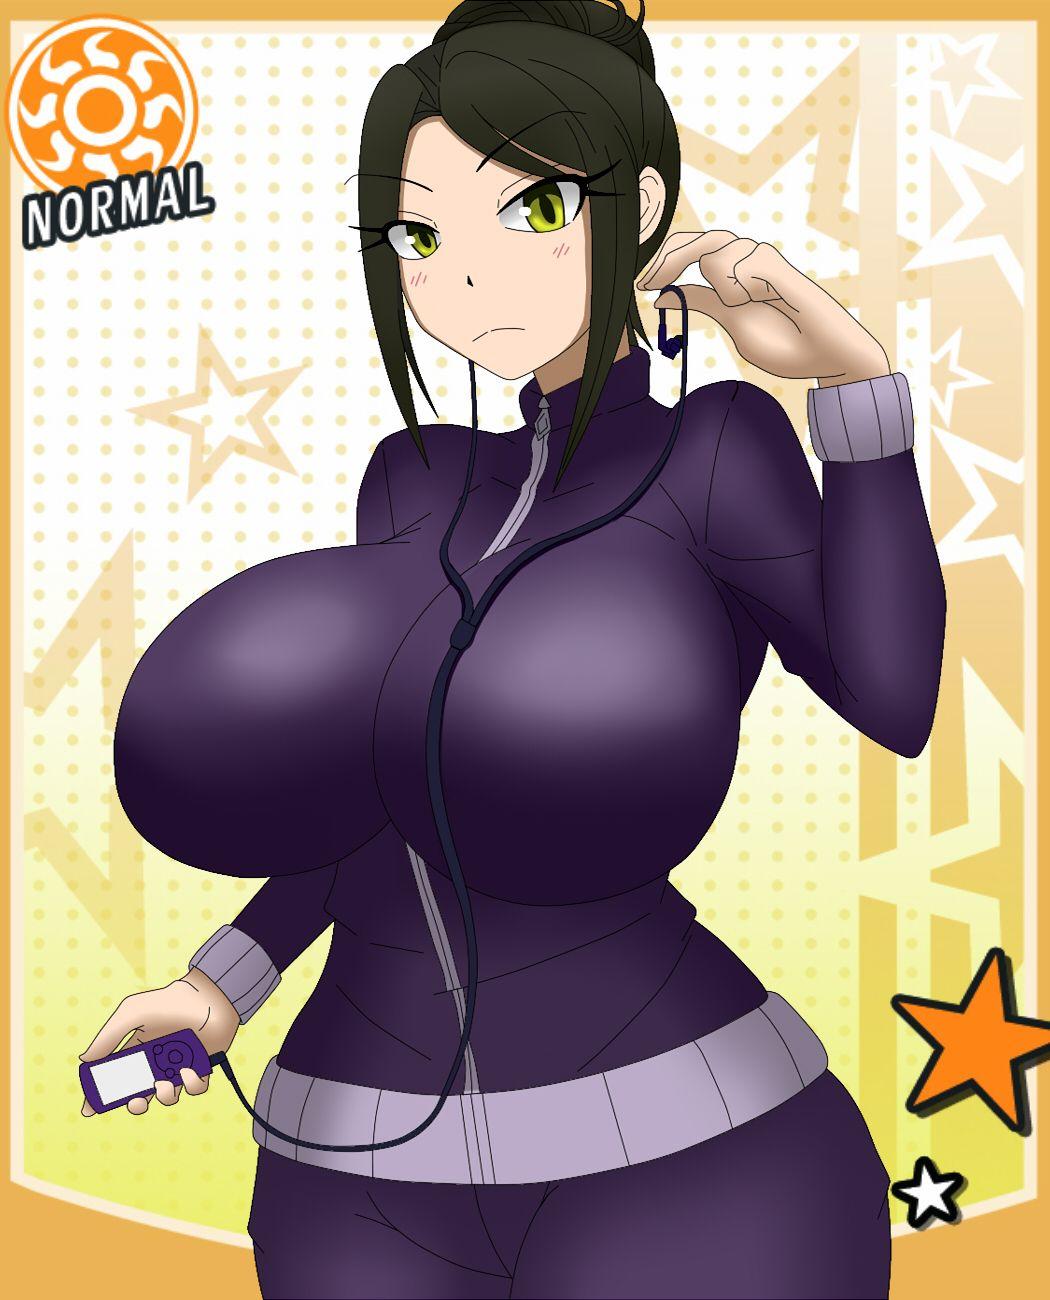 トレーニングスタイル]向井拓海 | enorme pechonalidad huge anime boobs